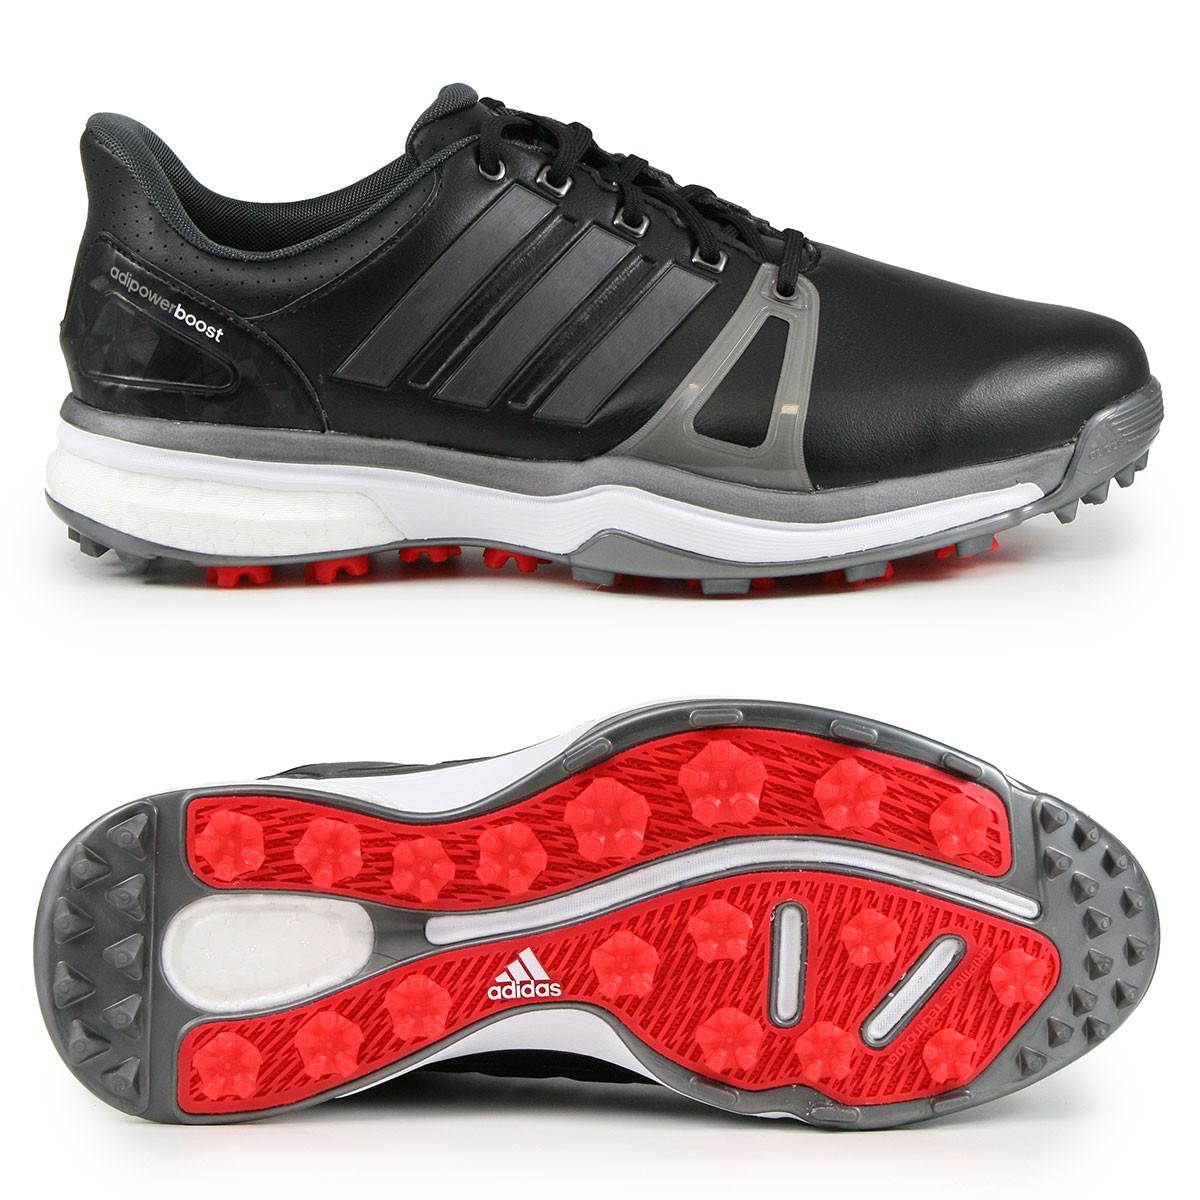 free shipping cb930 07d9c Adidas adipower Boost 2 Herren Golfschuhe, WIDE, Schwarz  Silbergrau  günstig kaufen  Golflädchen